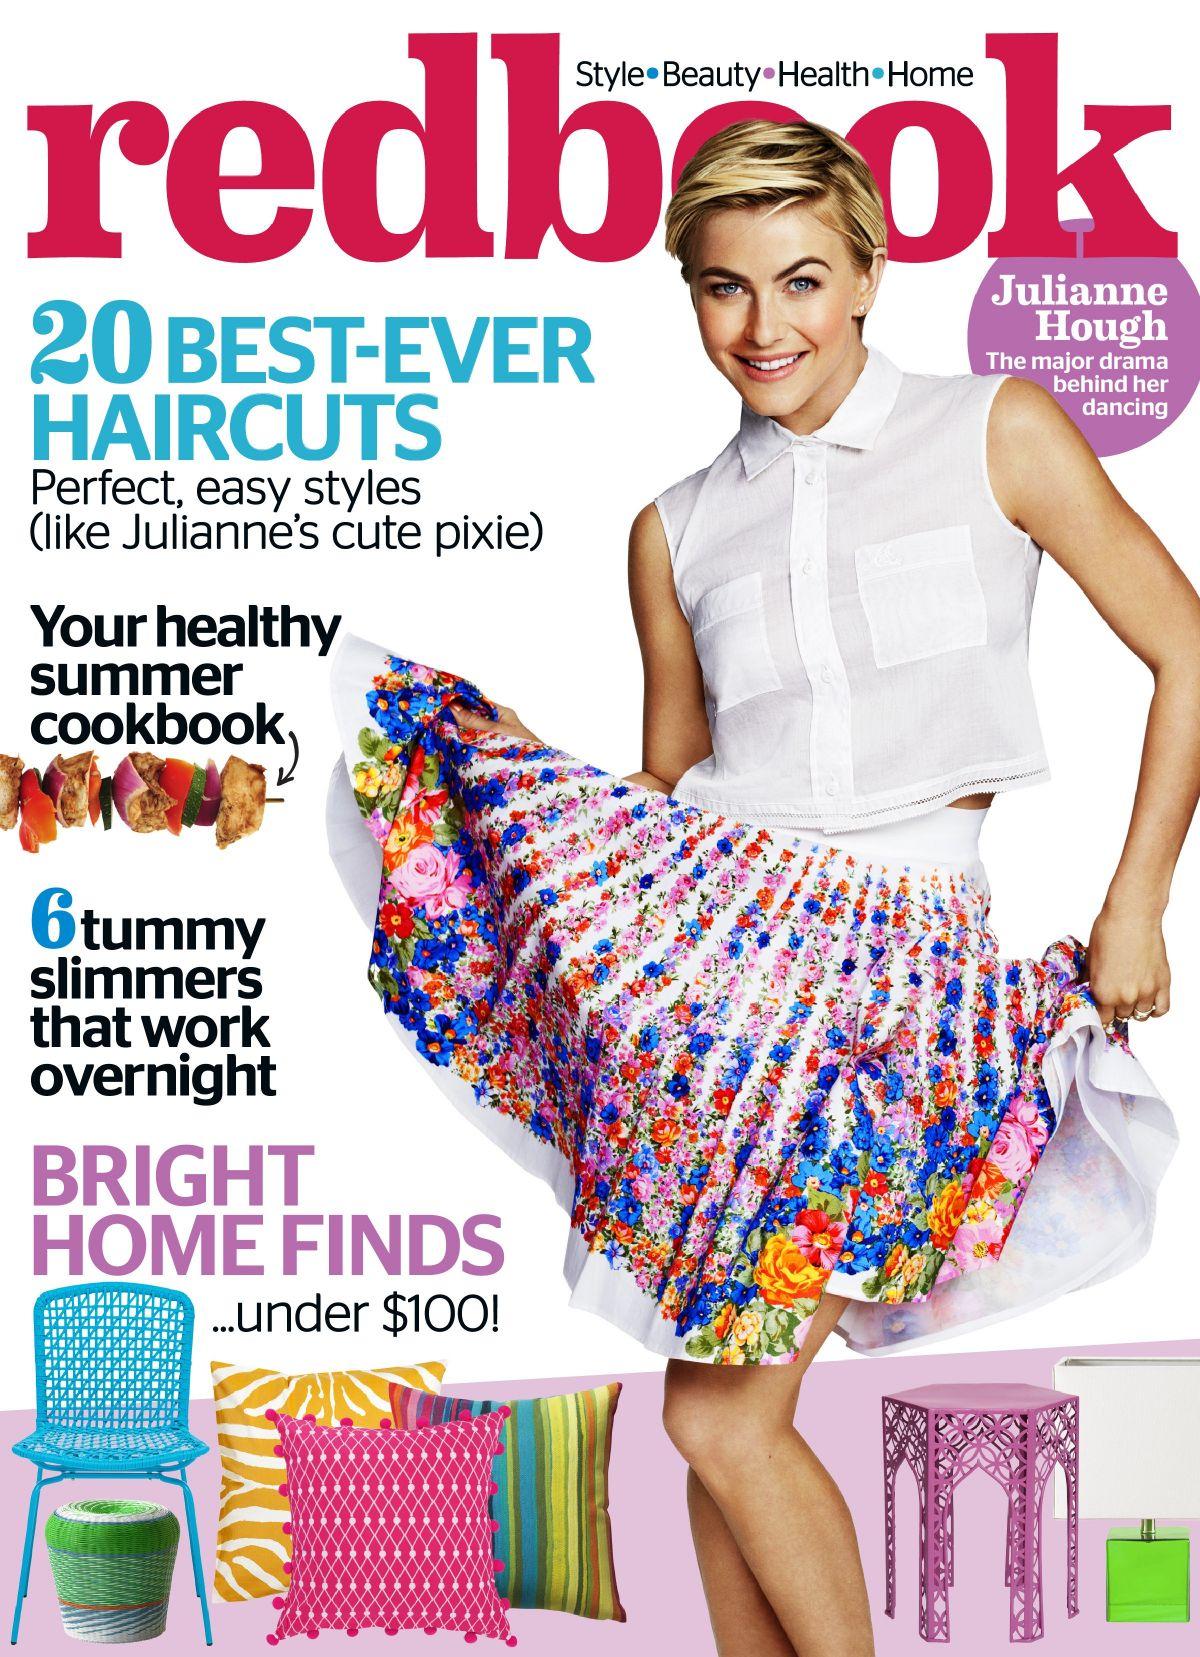 JULIANNE HOUGH in Redbook Magazine, August 2014 Issue